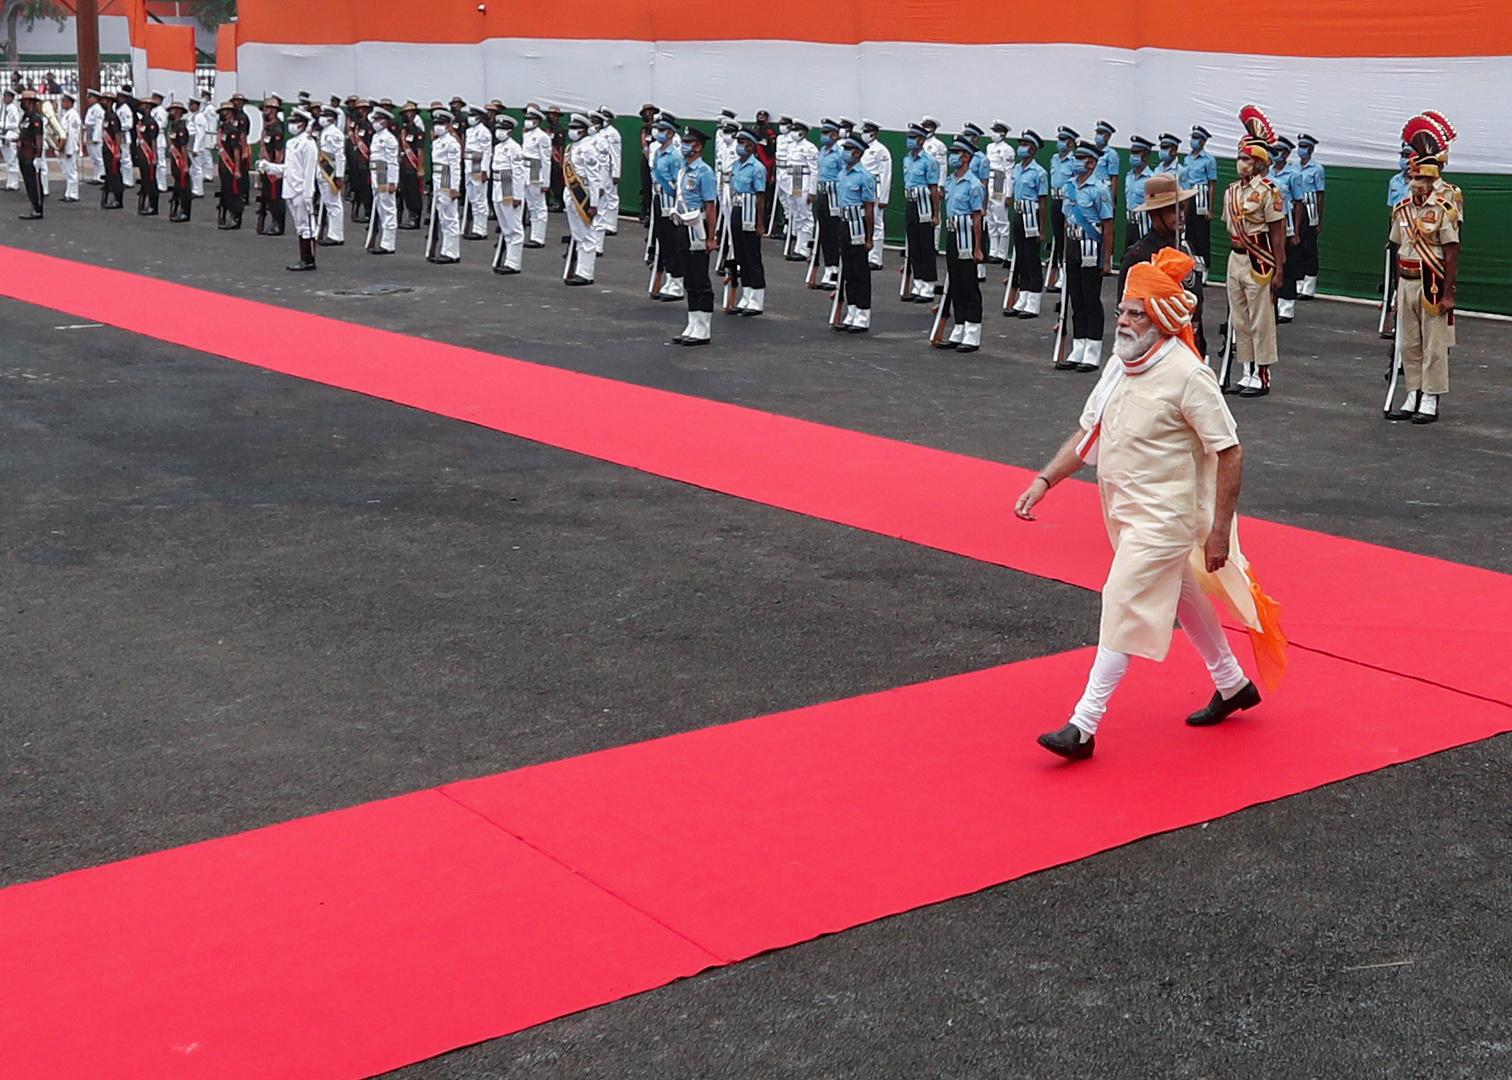 رئيس وزراء الهند: مستعدون لإنقاذ البشرية من كورونا بلقاحين من صنعنا